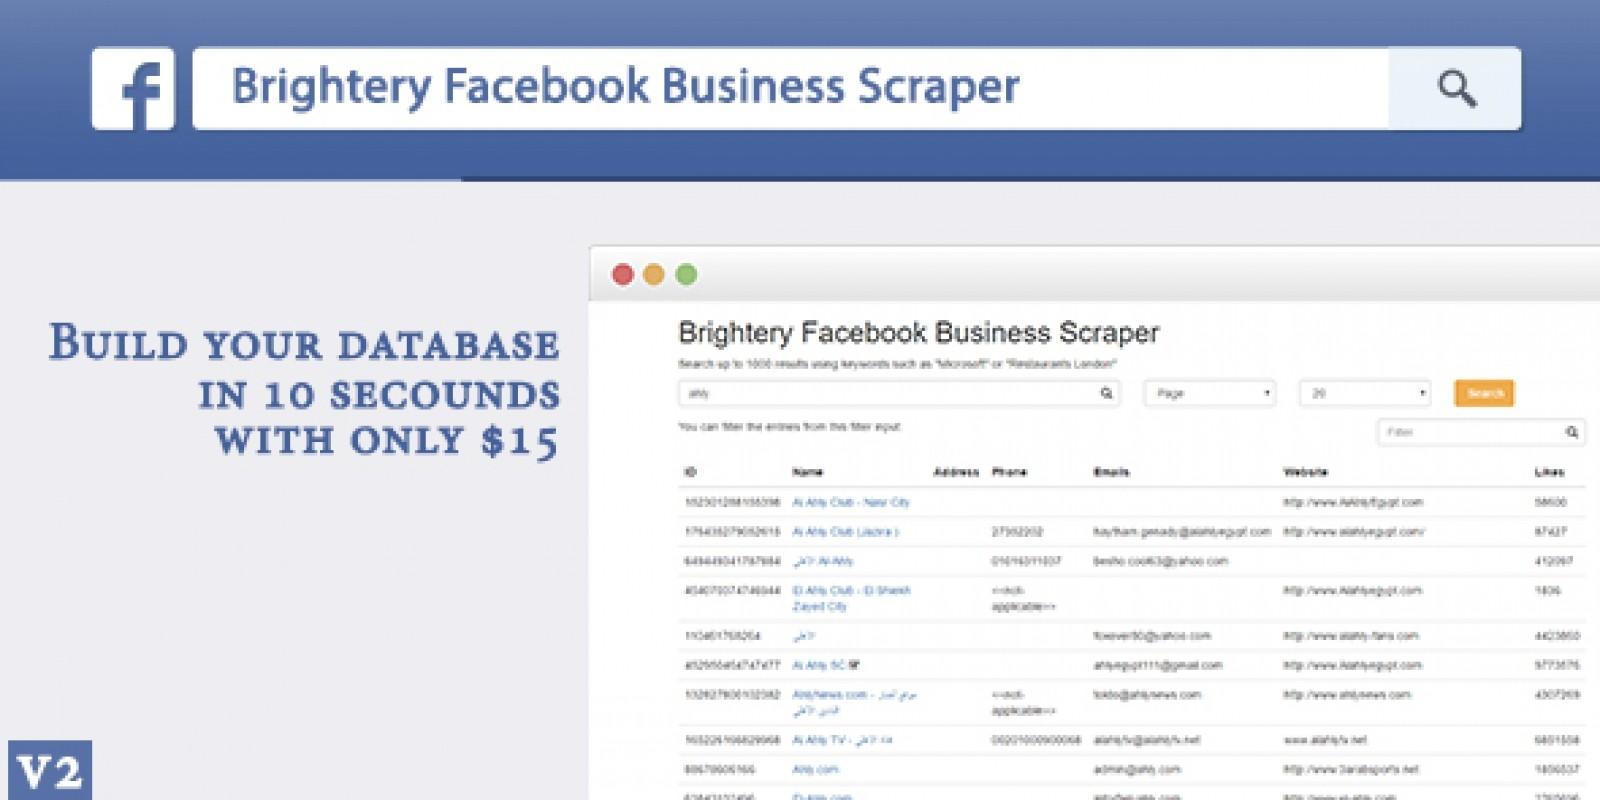 Brightery Basic Facebook Business Scraper